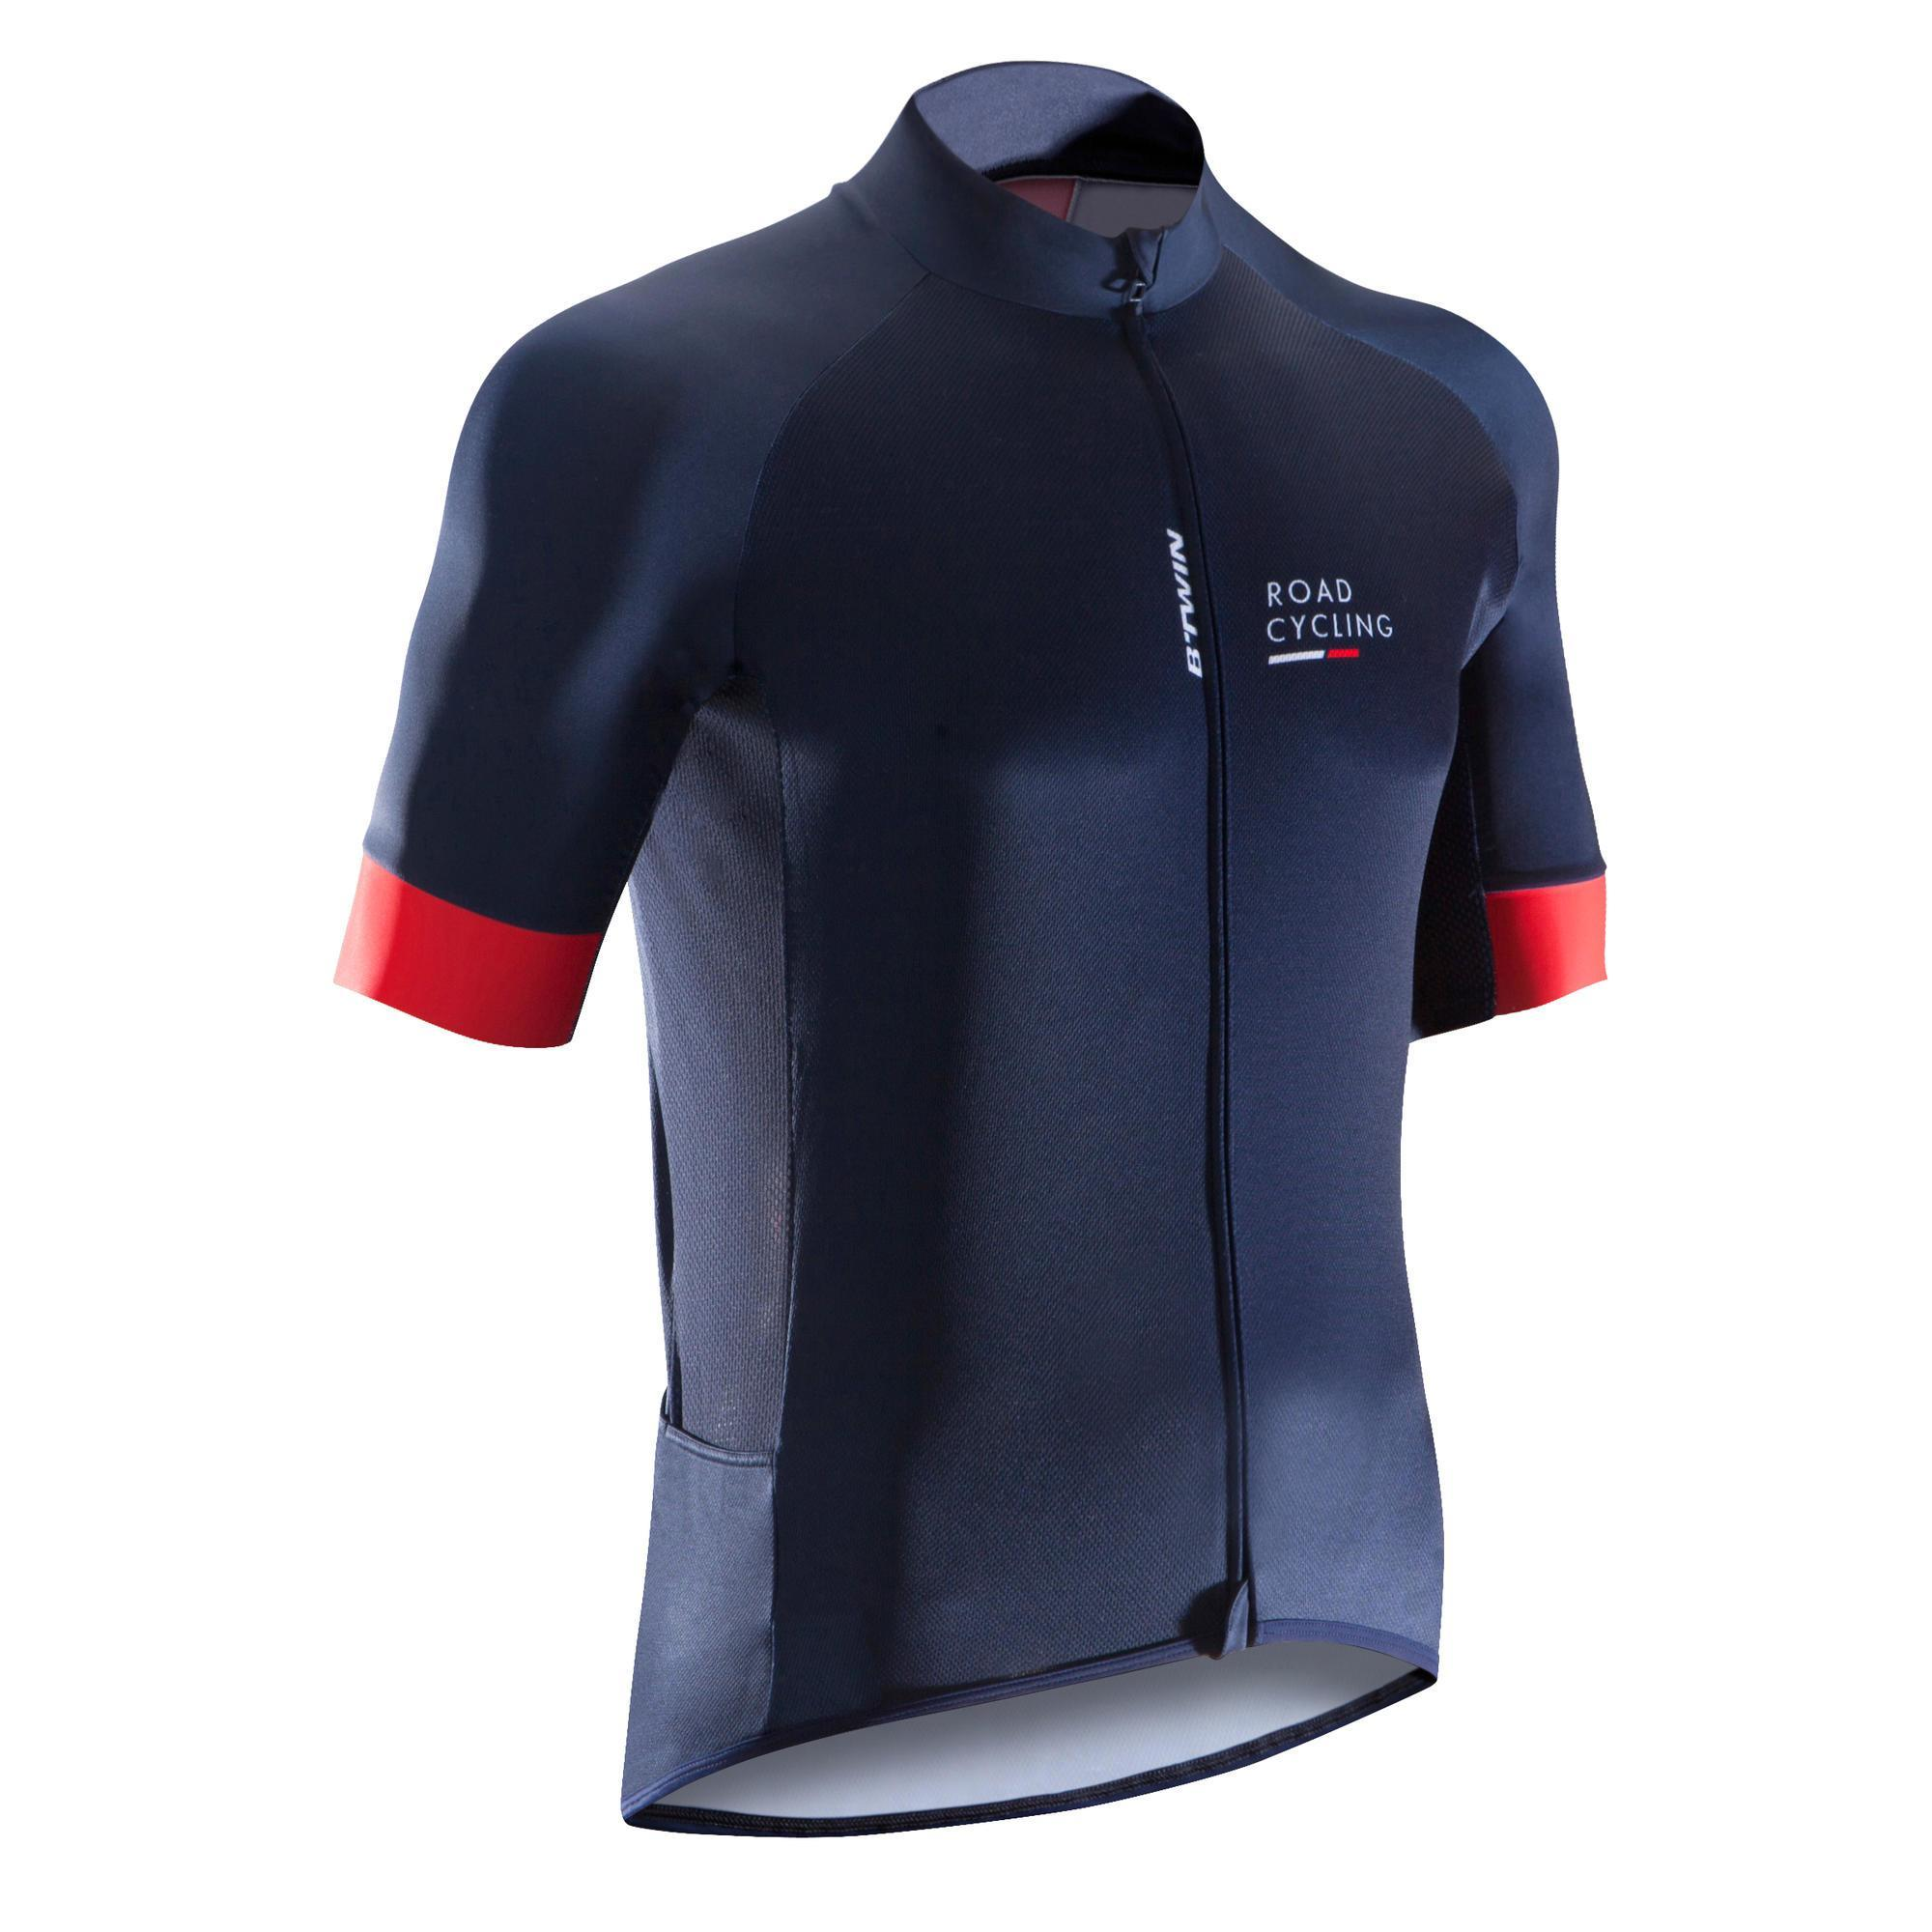 Triban Fietsshirt met korte mouwen voor heren Roadcycling 900 marineblauw